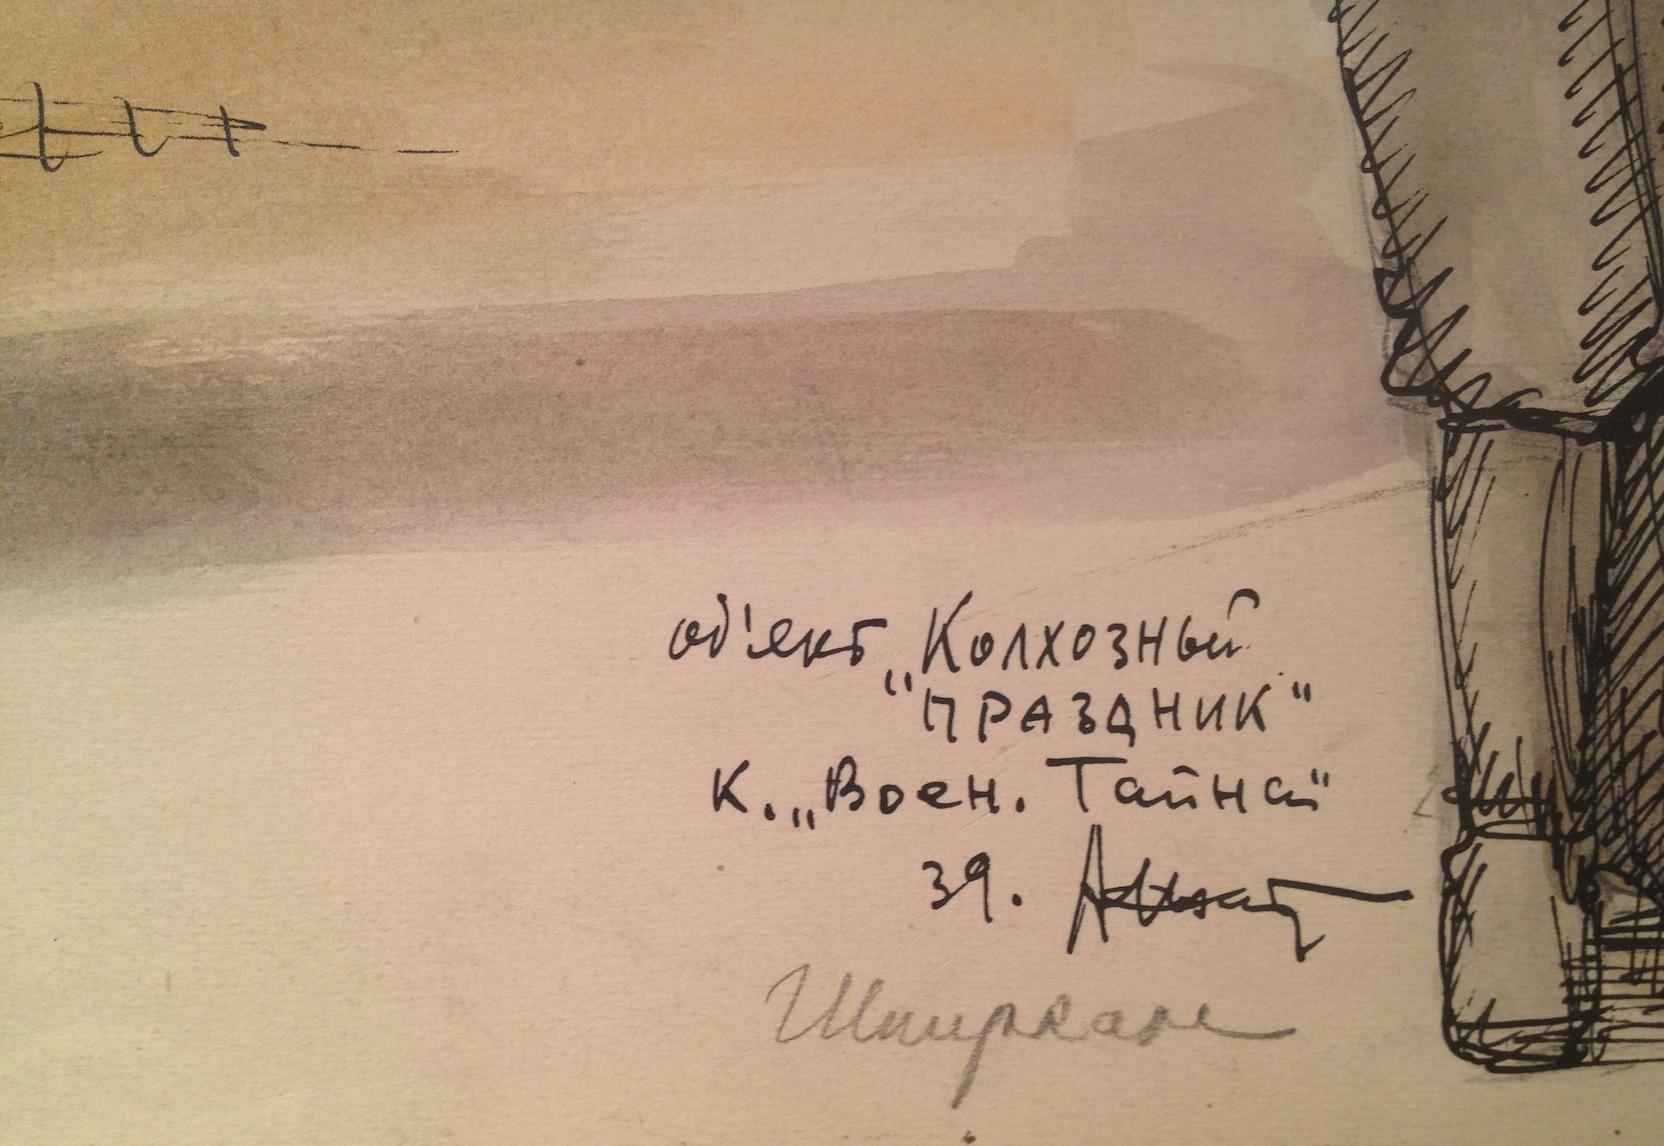 Подпись. Жаренов Александр Сергеевич. Колхозный праздник. Эскизы костюмов.